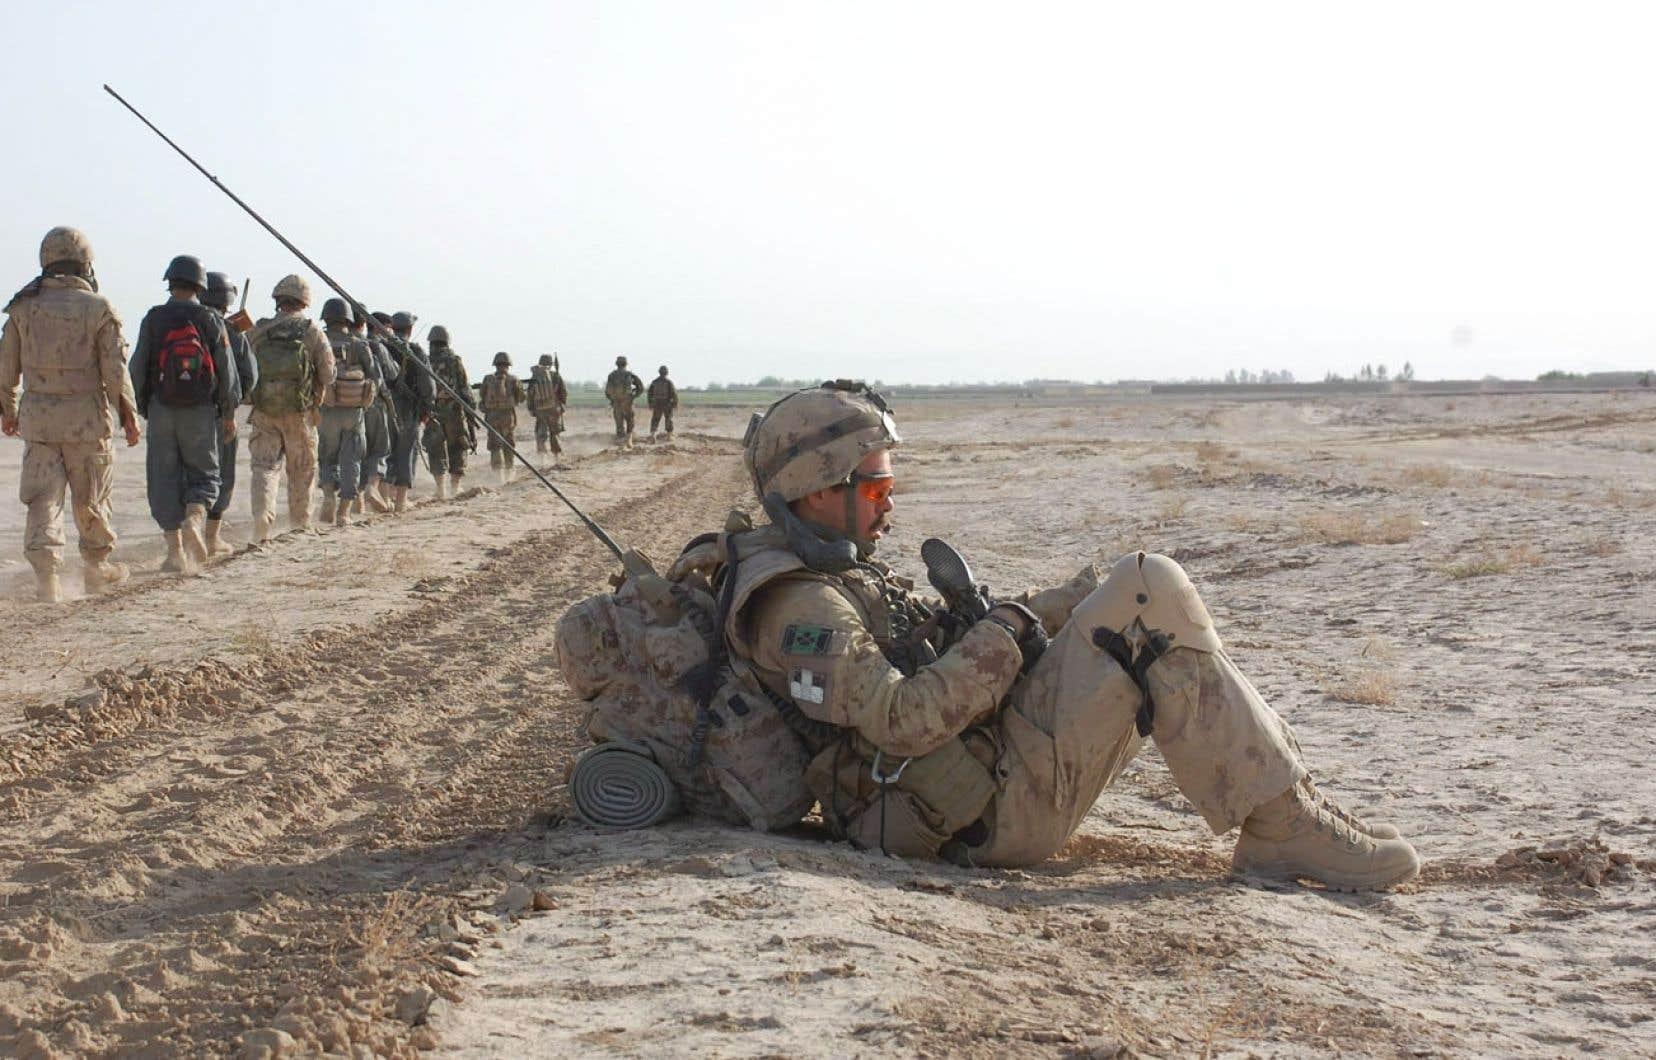 Le ministère des Anciens Combattants a à ce jour réussi à localiser 250 vétérans qui vivaient dans les rues. Plusieurs sont en choc post-traumatique, ou présentent des signes de dépression.